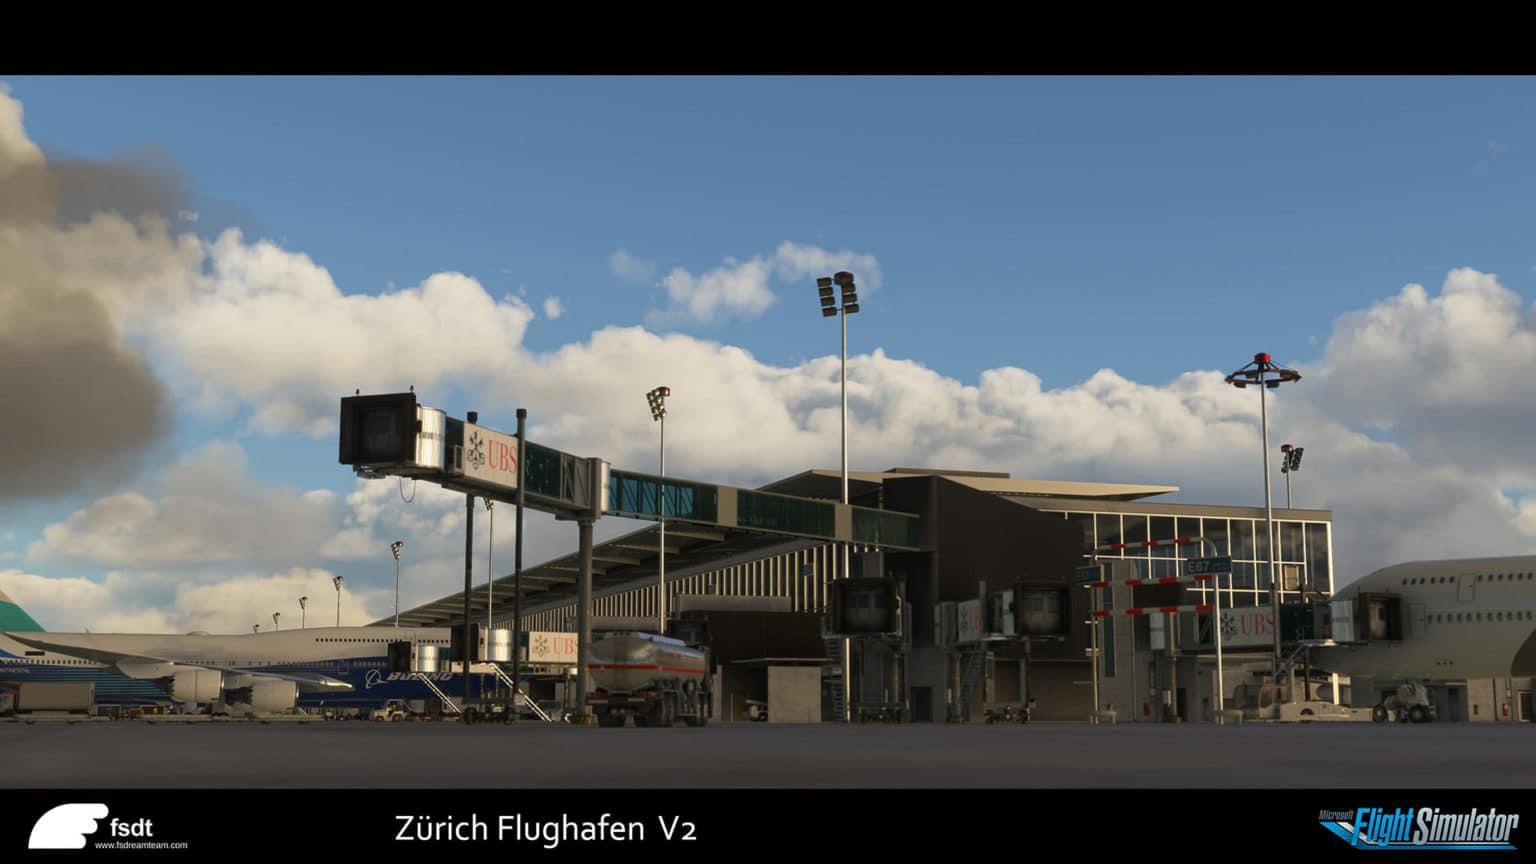 FSDreamteam_Zürich_MSFS (4)